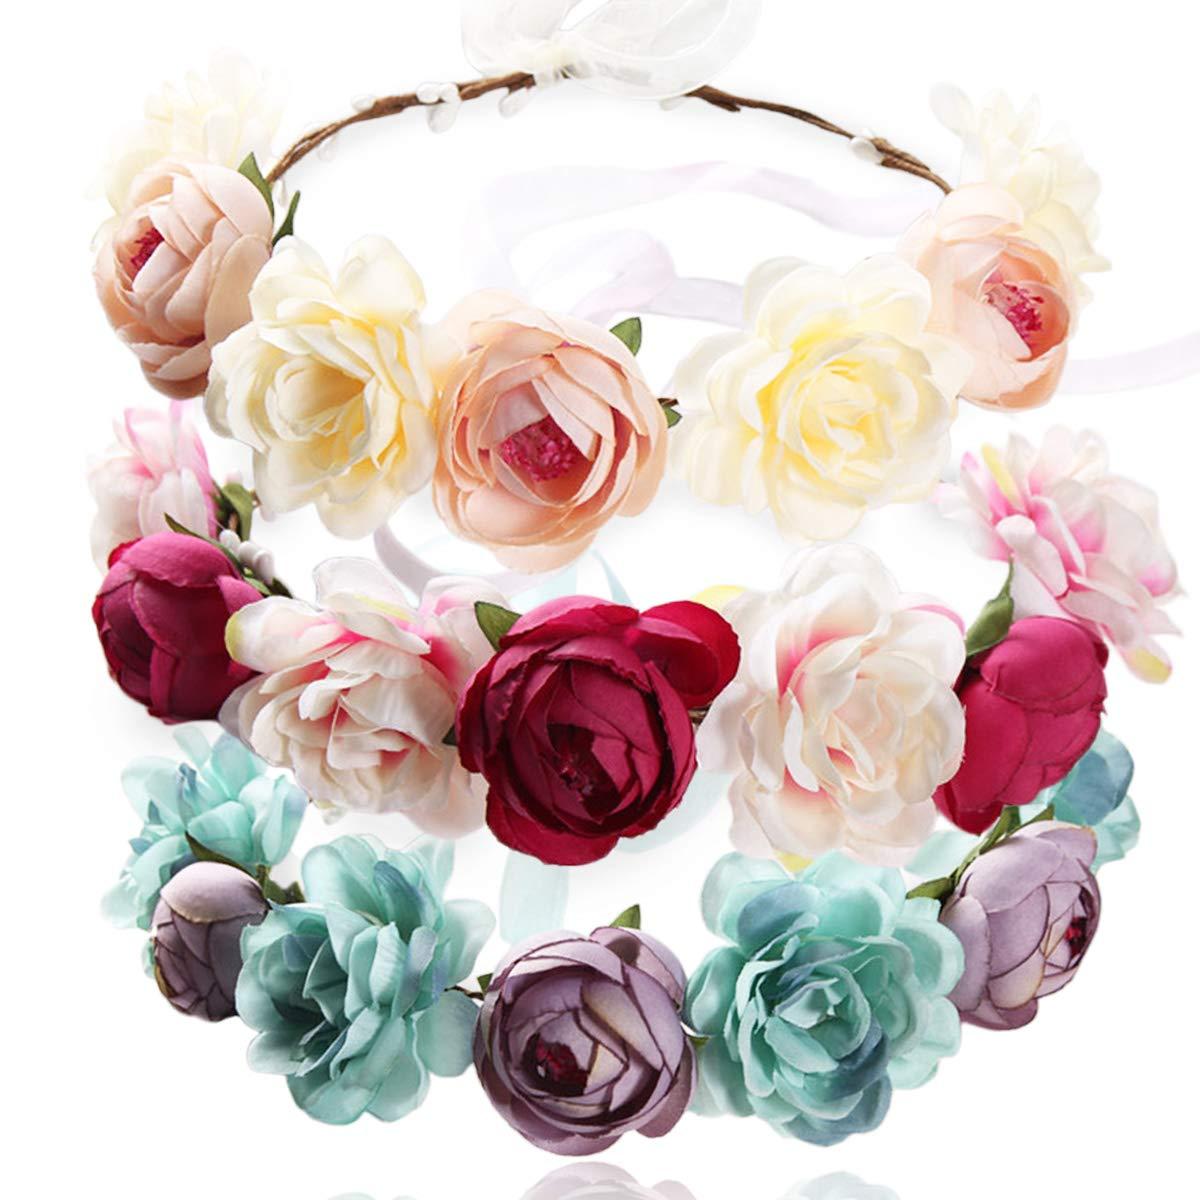 MOAMUN Albuquerque Mall 3PCS Handmade Flower Headband Max 46% OFF Floral Crown Hair W Bridal